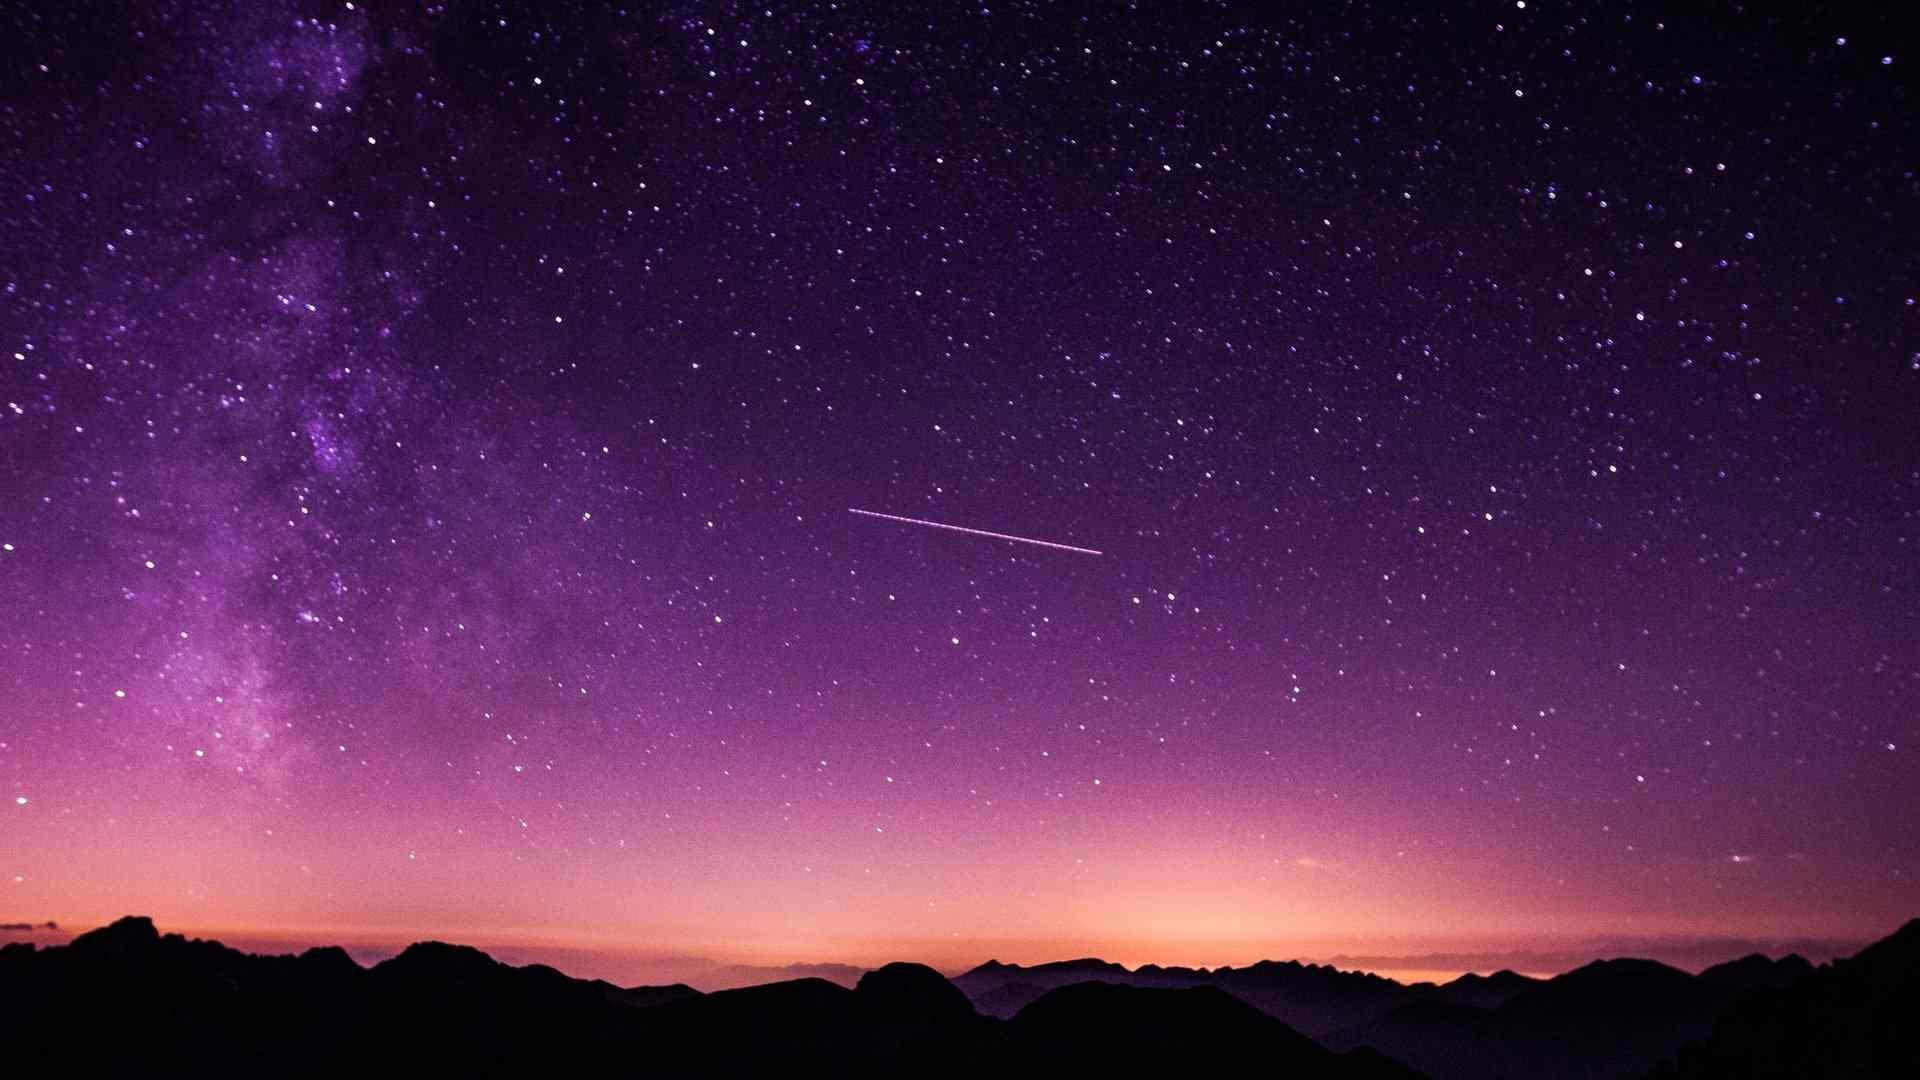 耀眼唯美星空美景图片电脑壁纸 手机壁纸 桌面天下手机版